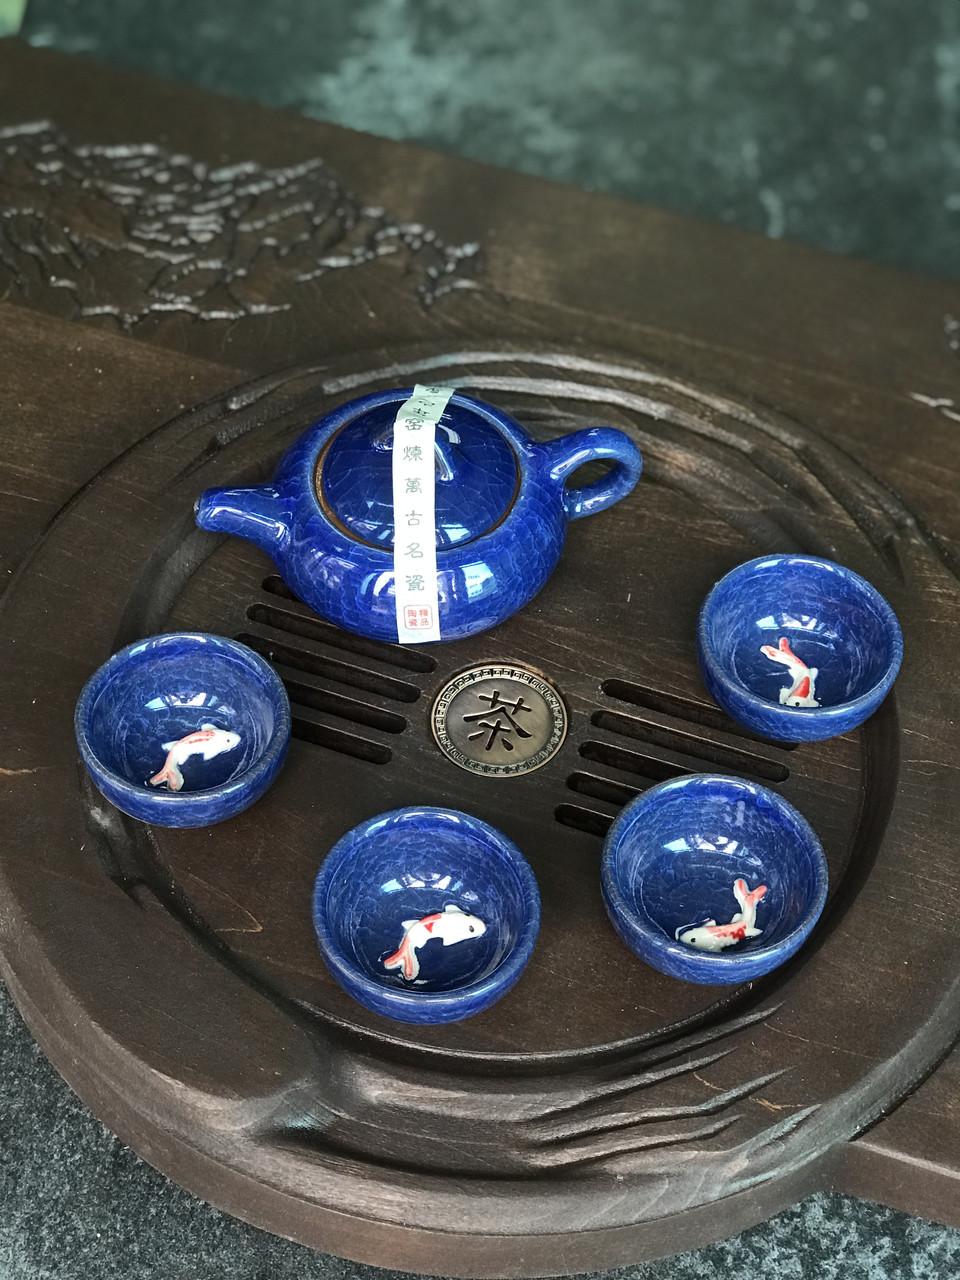 Набор посуды с рыбкой глиняный для чайной церемонии Синий (4 пиалы+чайник)